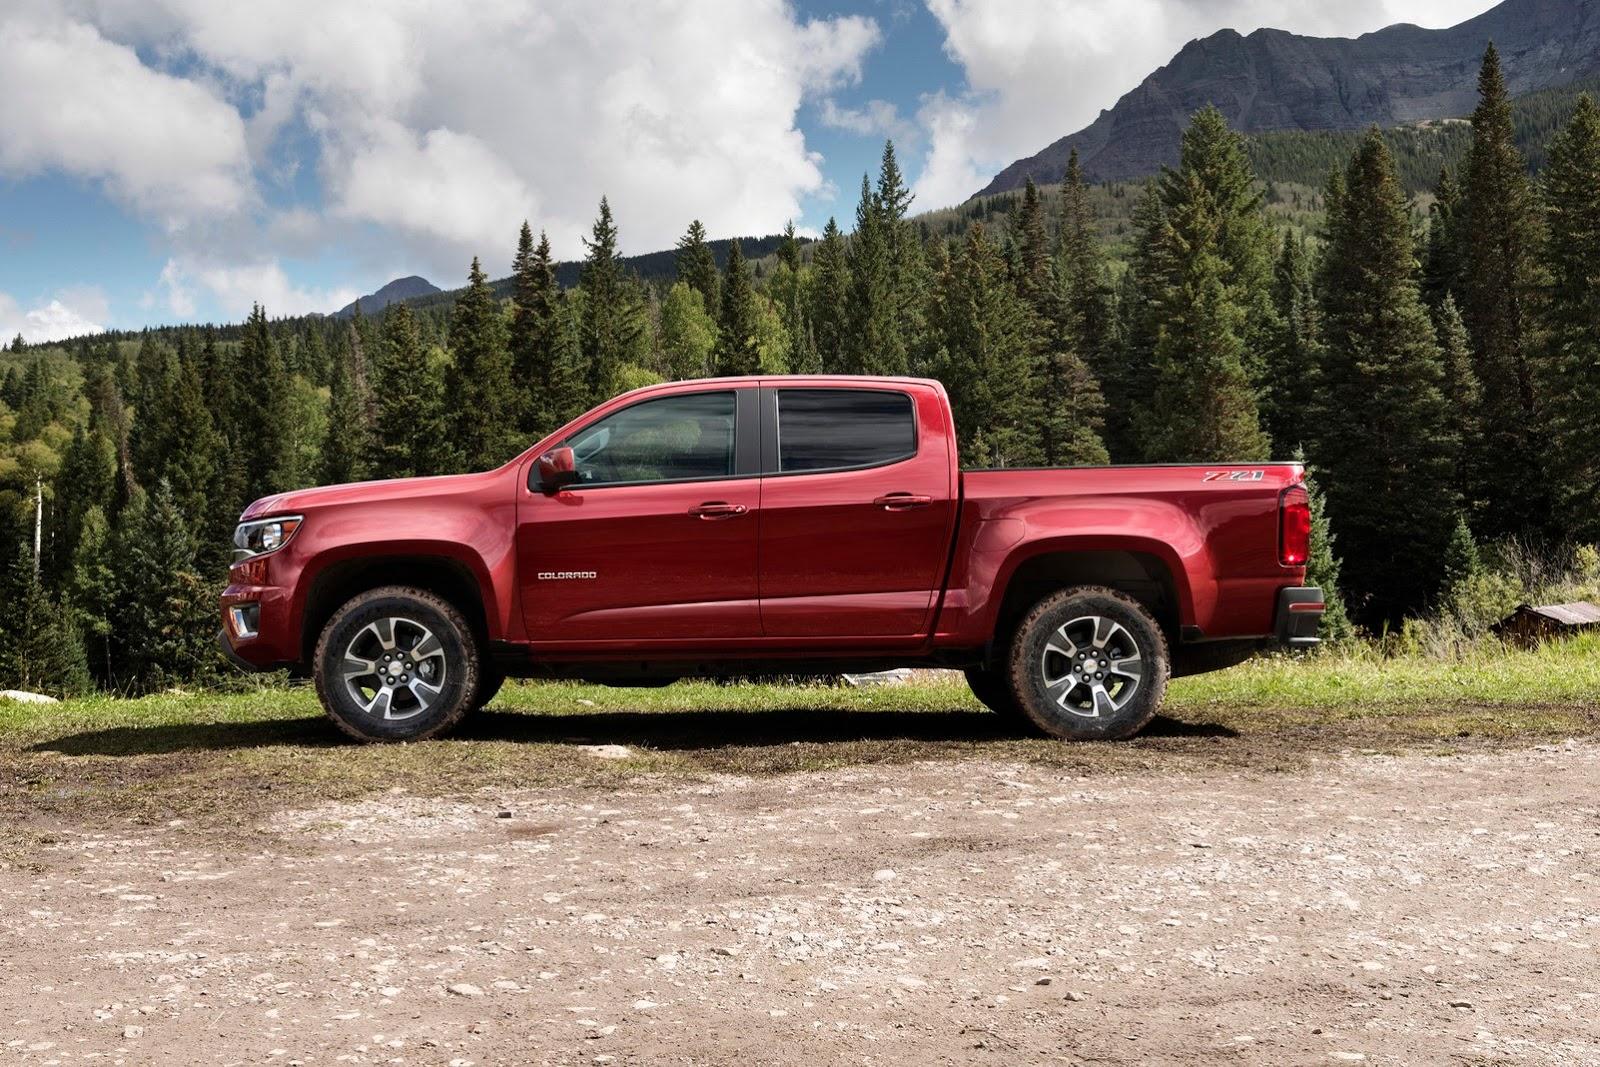 Colorado chevy 2015 colorado 2015 Chevrolet Colorado Breaks Cover in LA - autoevolution